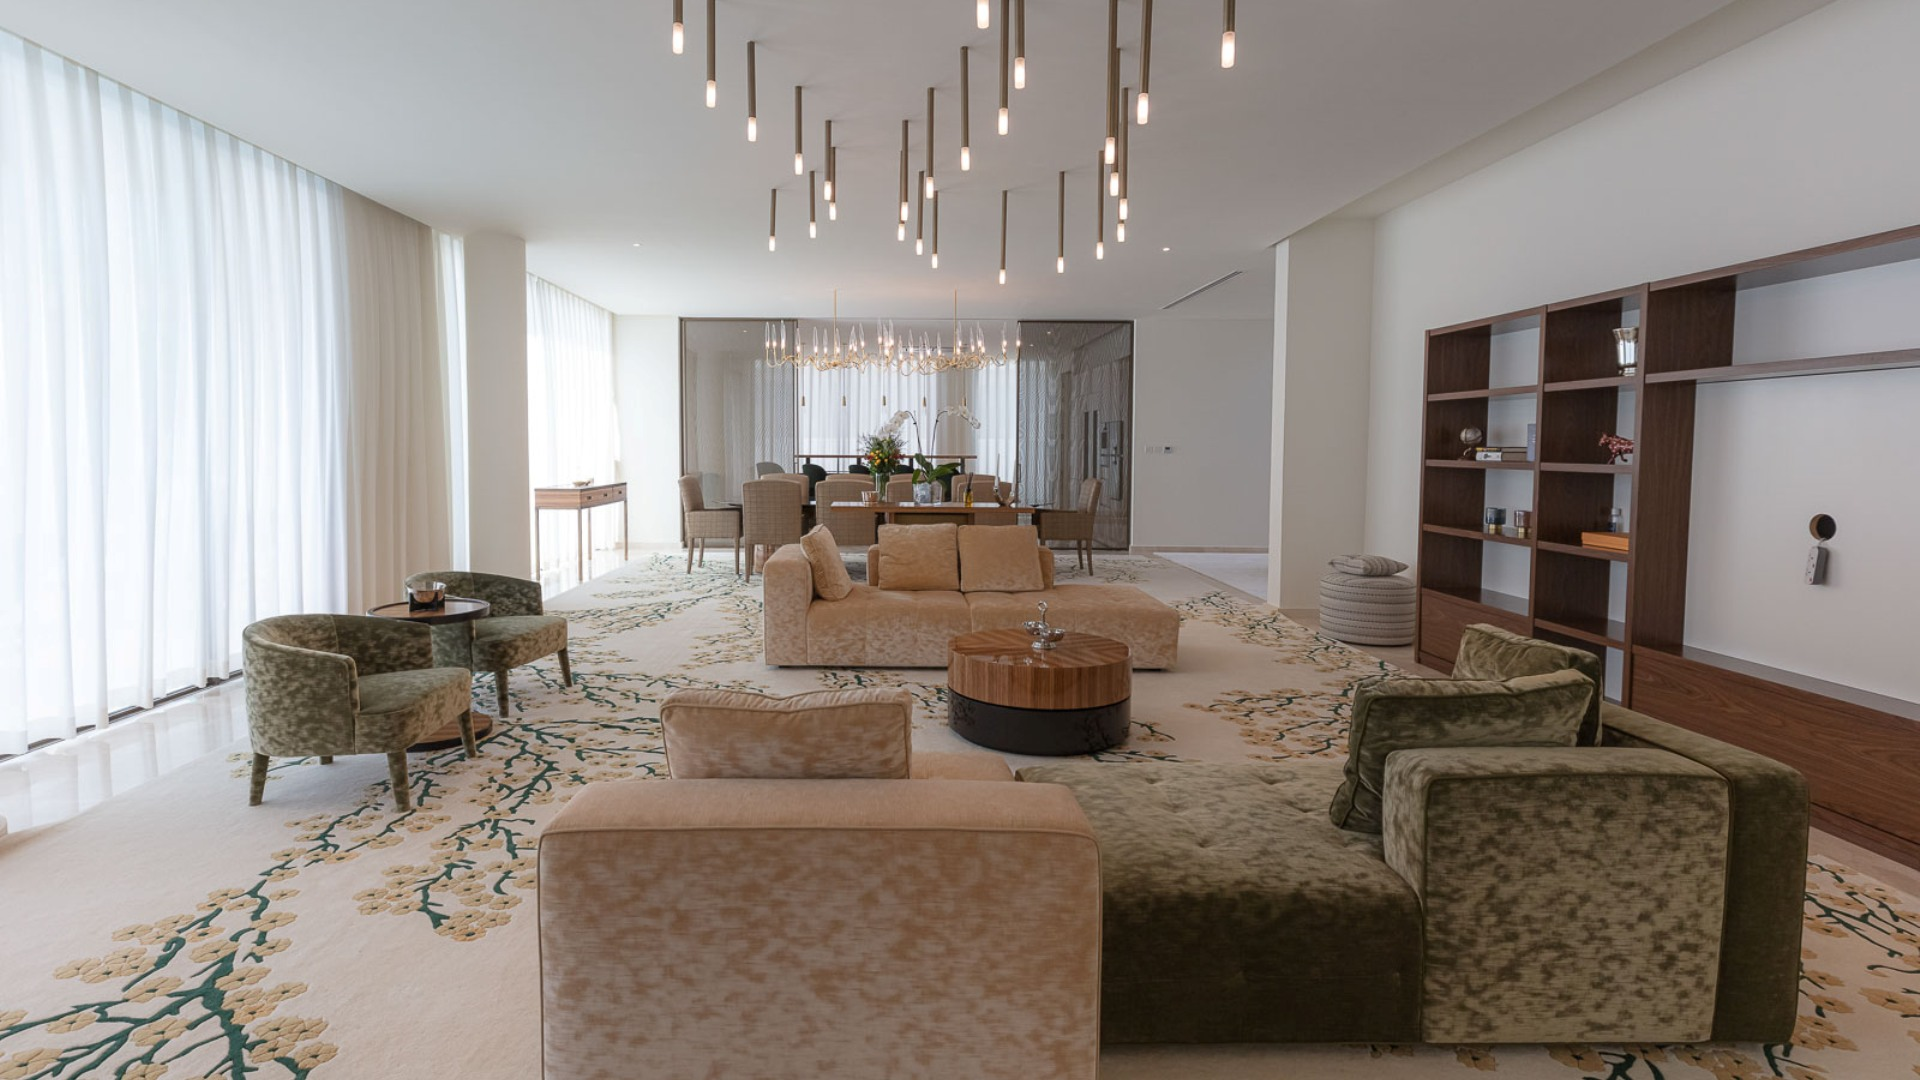 Villa en venta en Dubai, EAU, 6 dormitorios, 1208 m2, № 24640 – foto 4